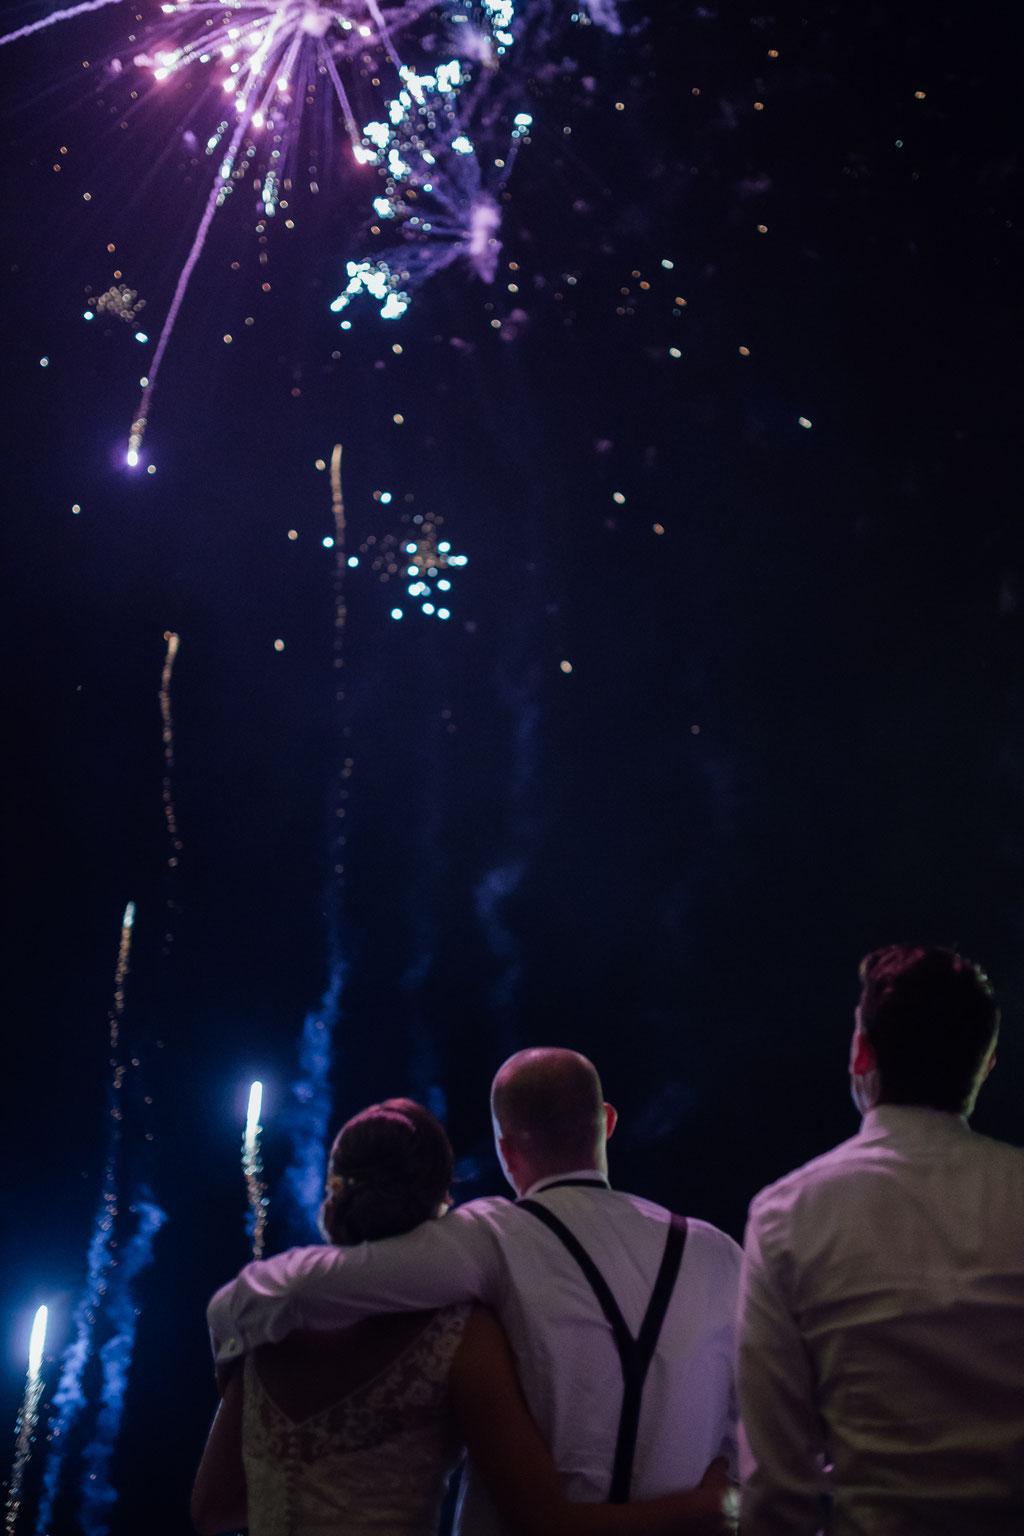 Hochzeitsfotografie Wettenberg Burg Gleiberg Hochzeit Timo Barwitzki Paar Outdoor Nacht Feuerwerk Hochzeitsfeuerwerk